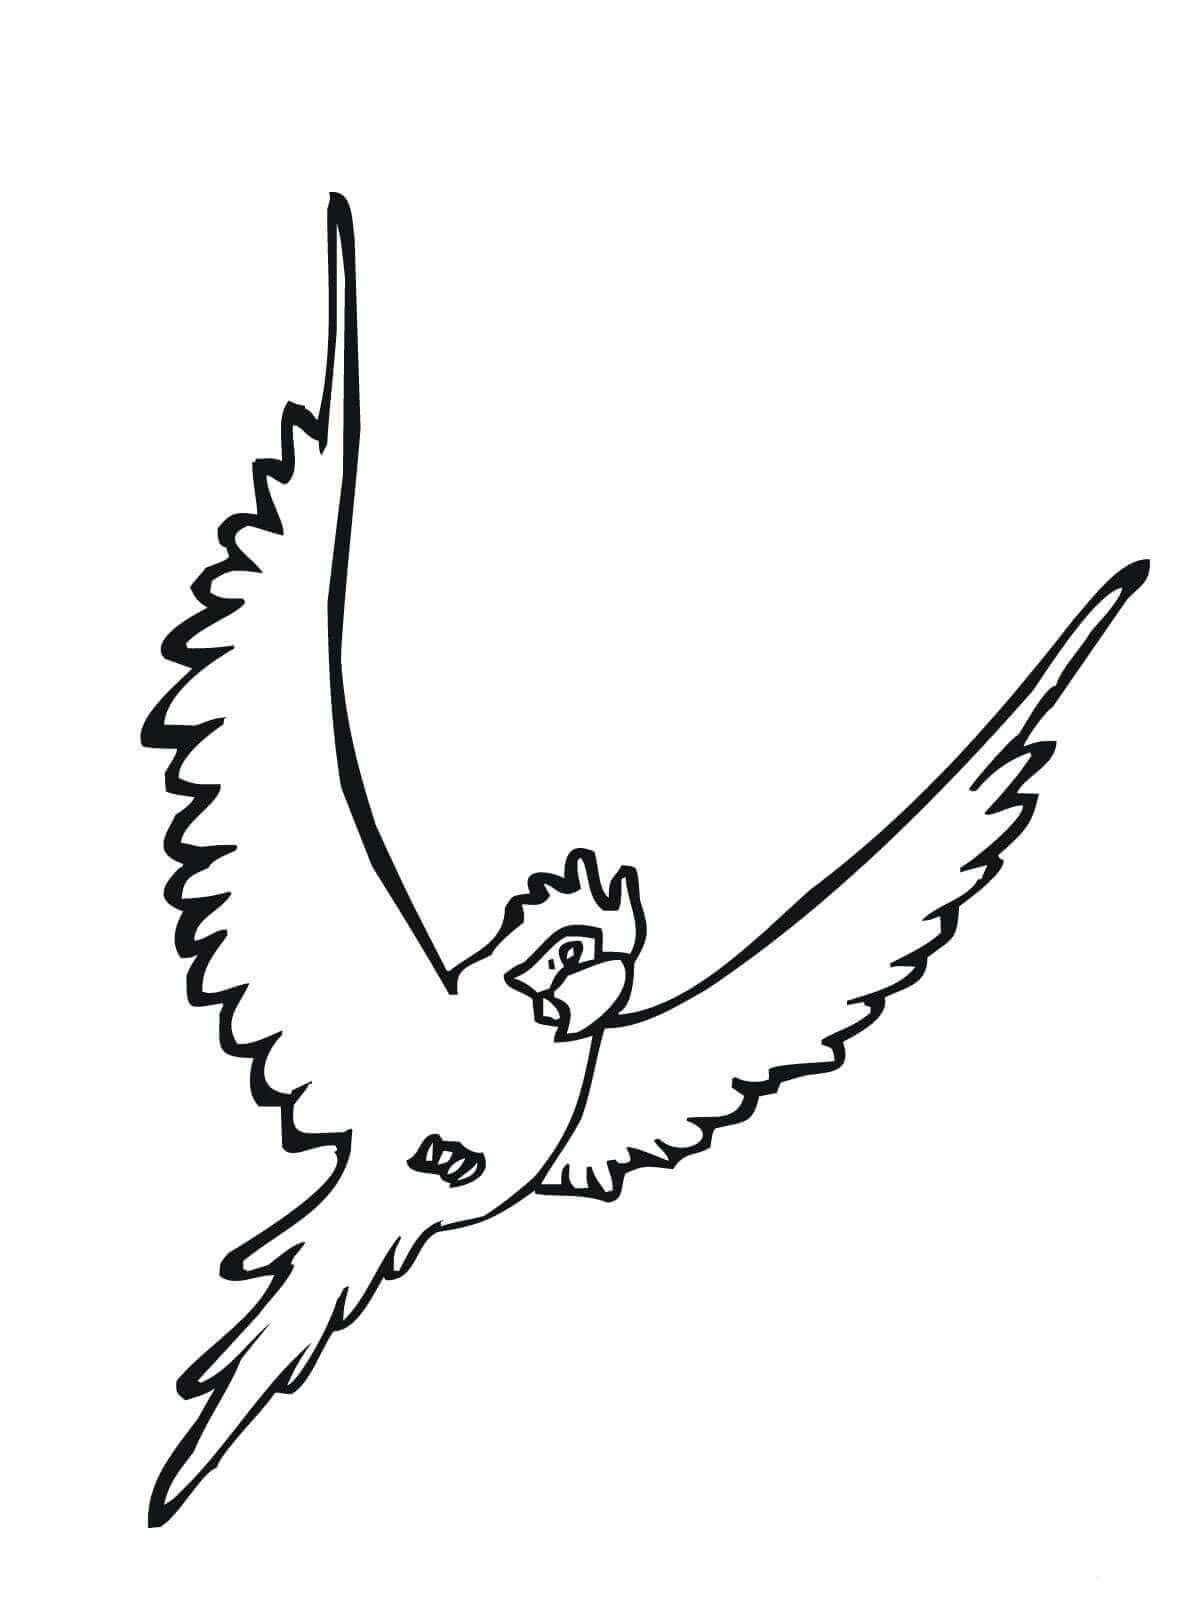 Parakeet coloring page